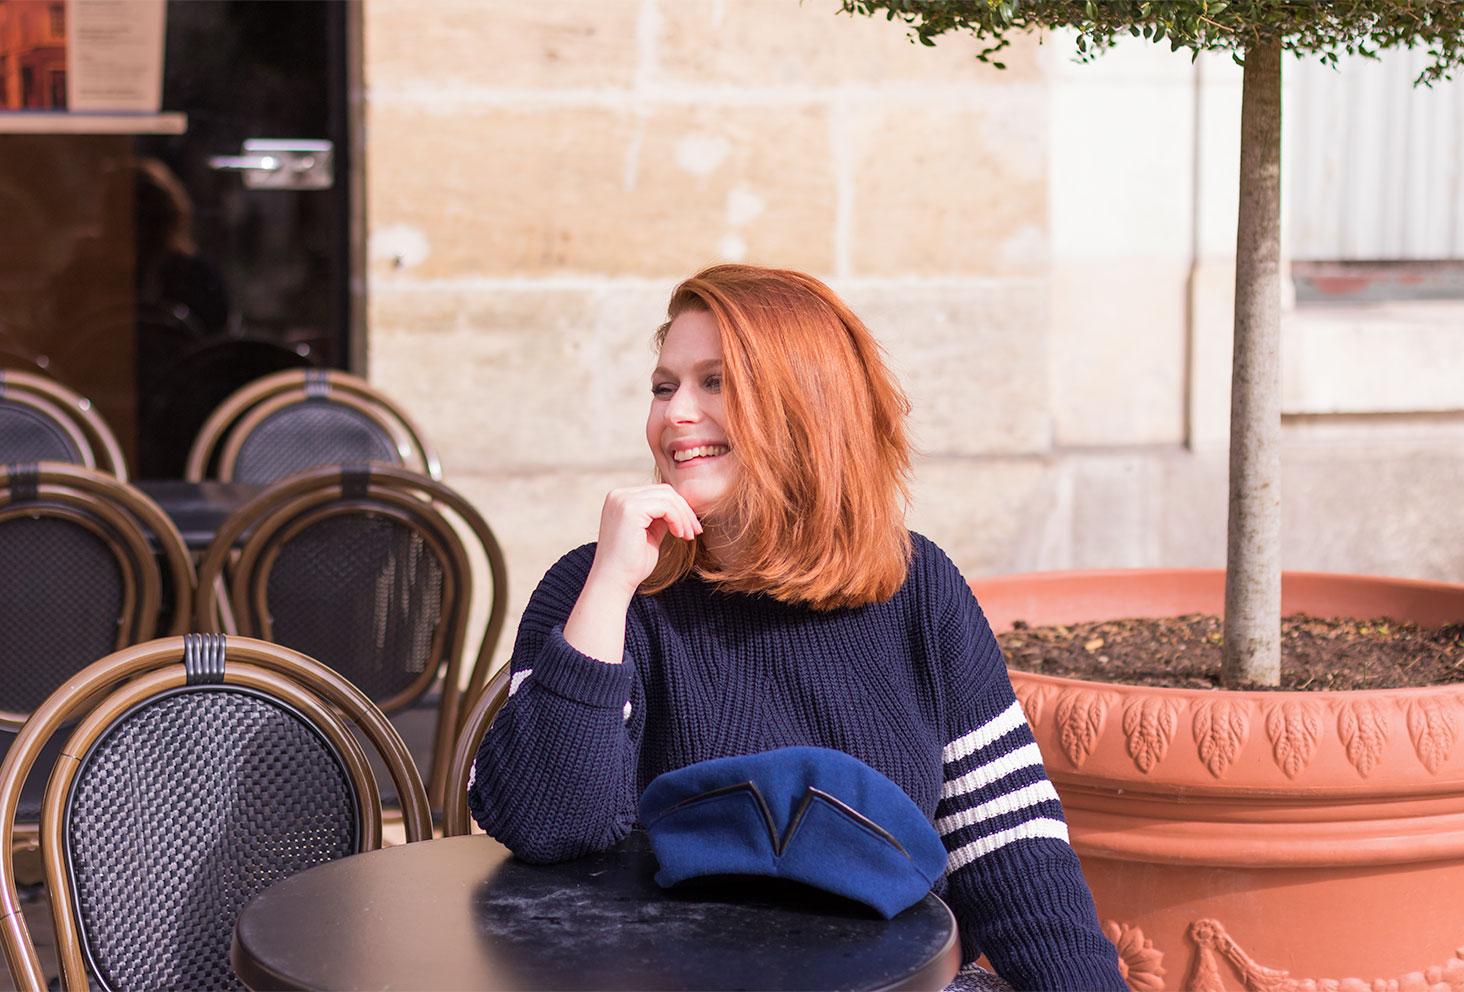 Assise à la terrasse d'un café avec le sourire et le béret bleu Falbalas posé sur la table